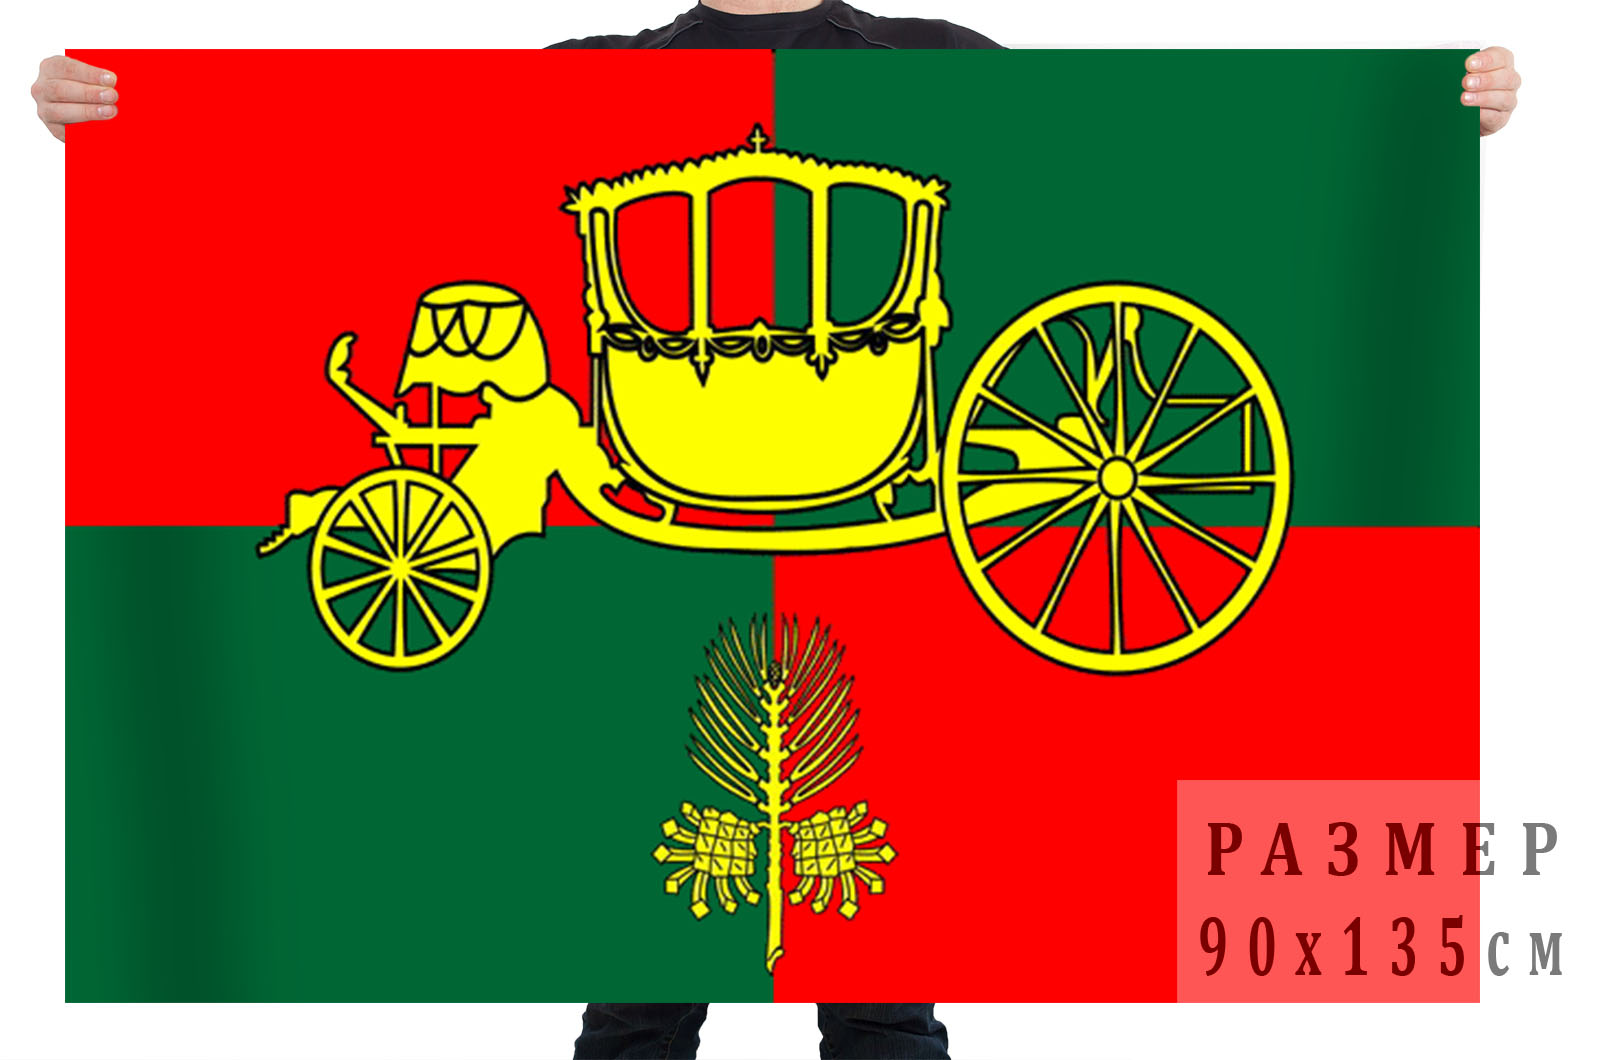 Флаг внутригородского муниципального образования муниципального округа Сосновая Поляна